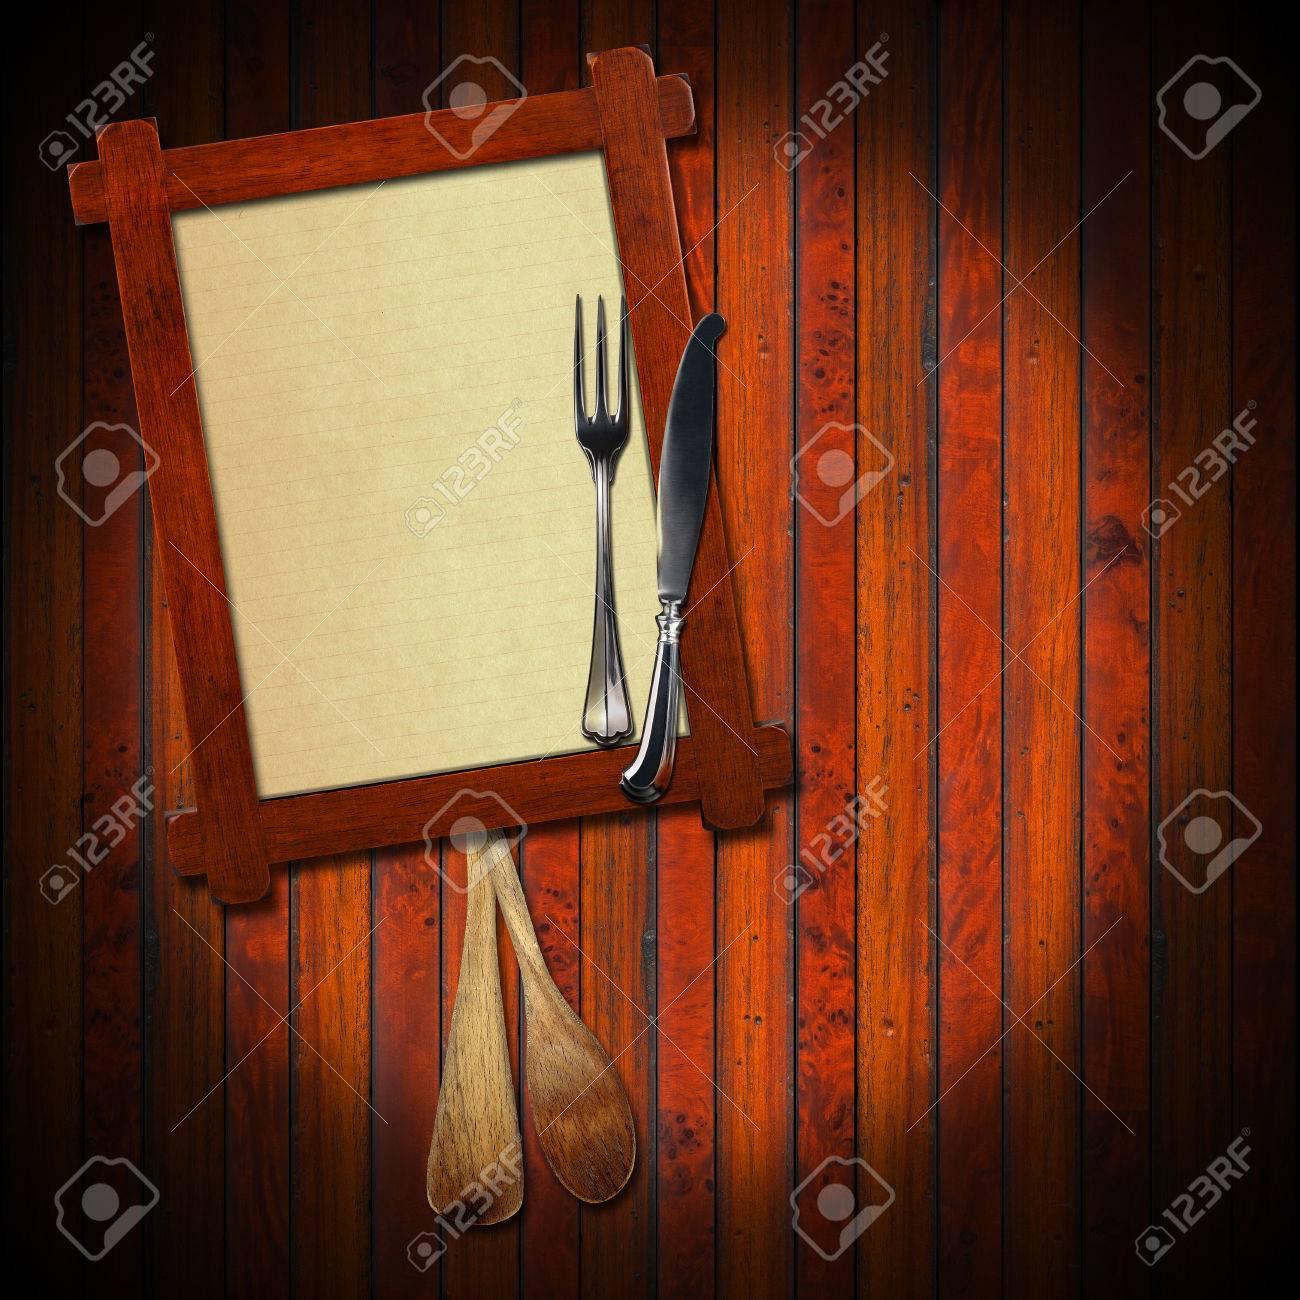 Holzrahmen Mit Einem Leeren Blatt Papier, Zwei Holzlöffel Und ...